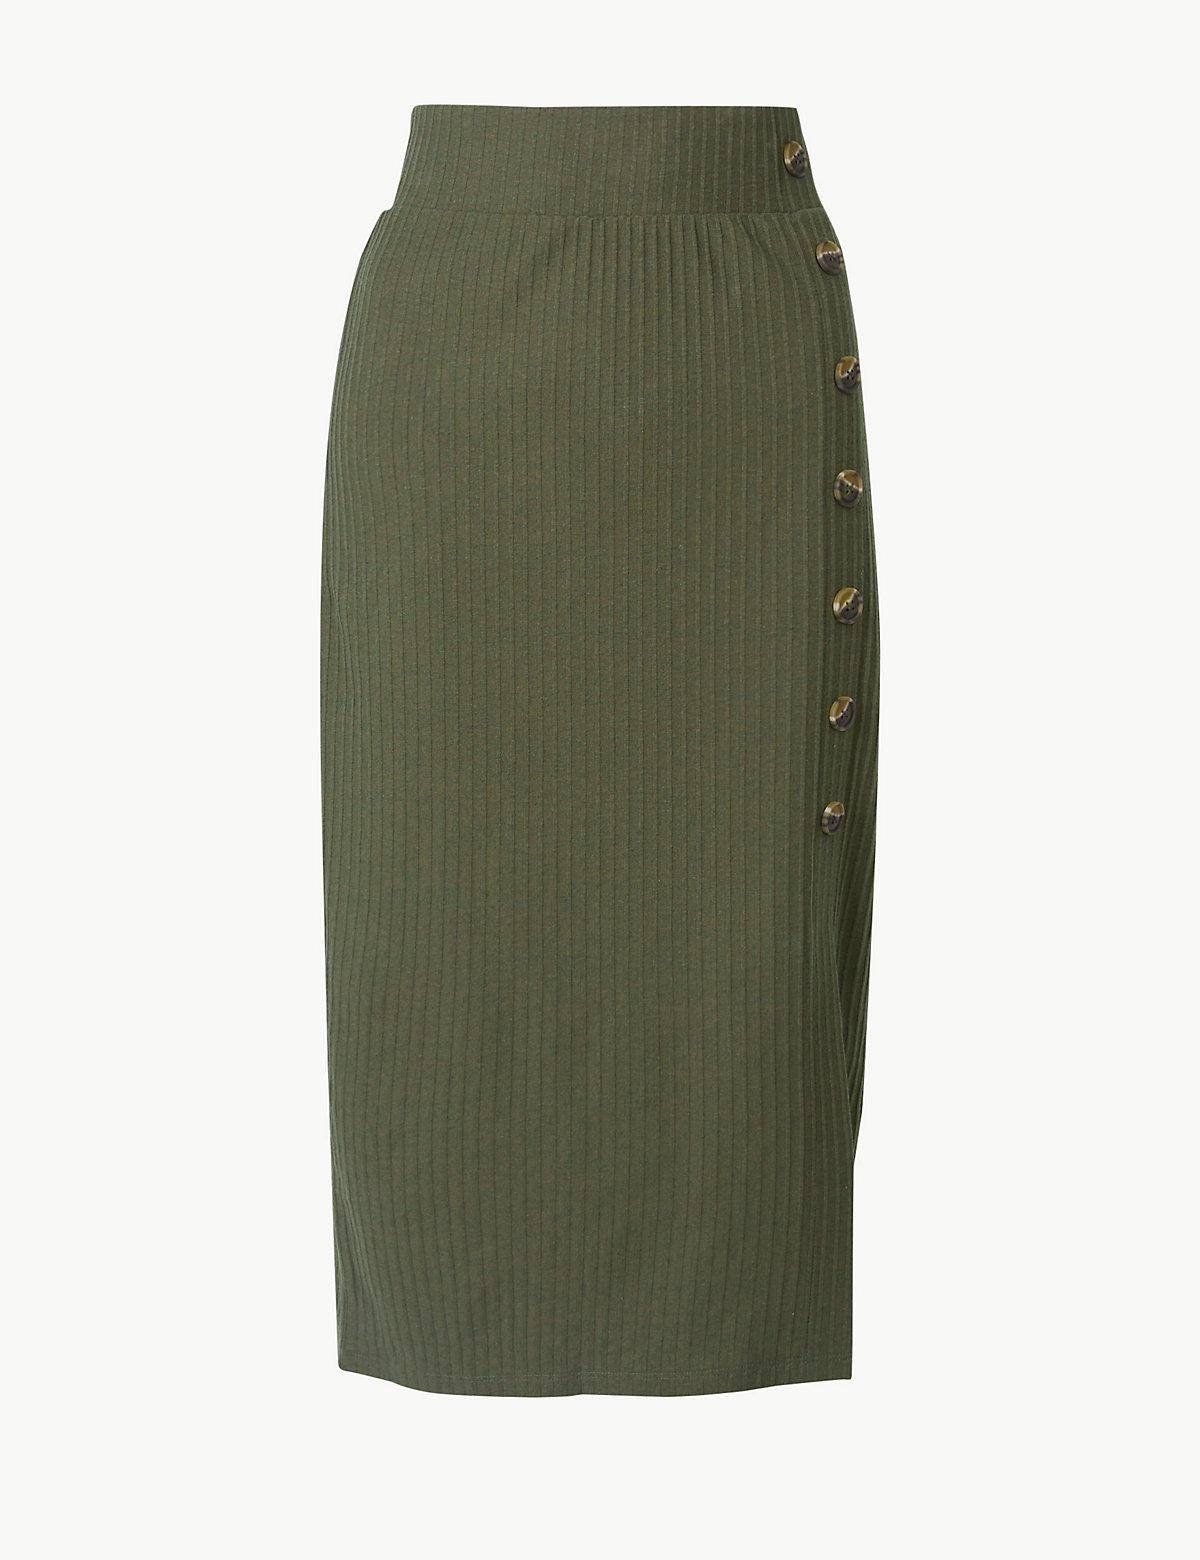 Фактурная юбка А-силуэта с большими пуговицами M&S Collection. Цвет: хаки микс